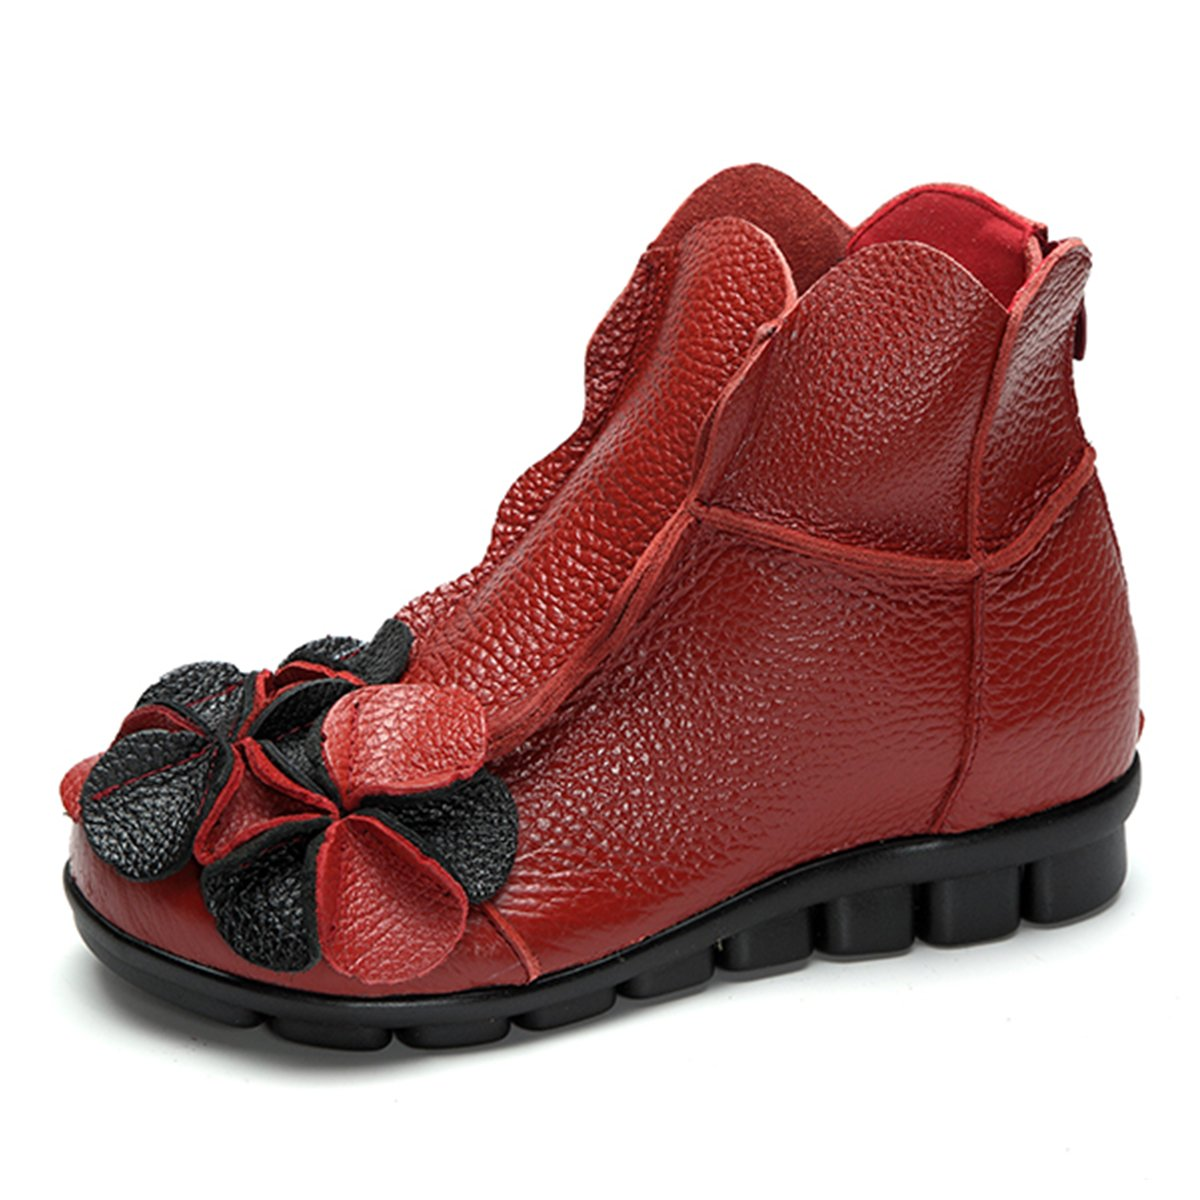 Socofy Inverno Donne Stivali All'aperto Neve Donna Stivaletti Stringati in Pelle Peluche Boots Caldo Pelle Stivaletto Antiscivolo Scarponi Piatto Scarpe Rosso (Fur-lining)